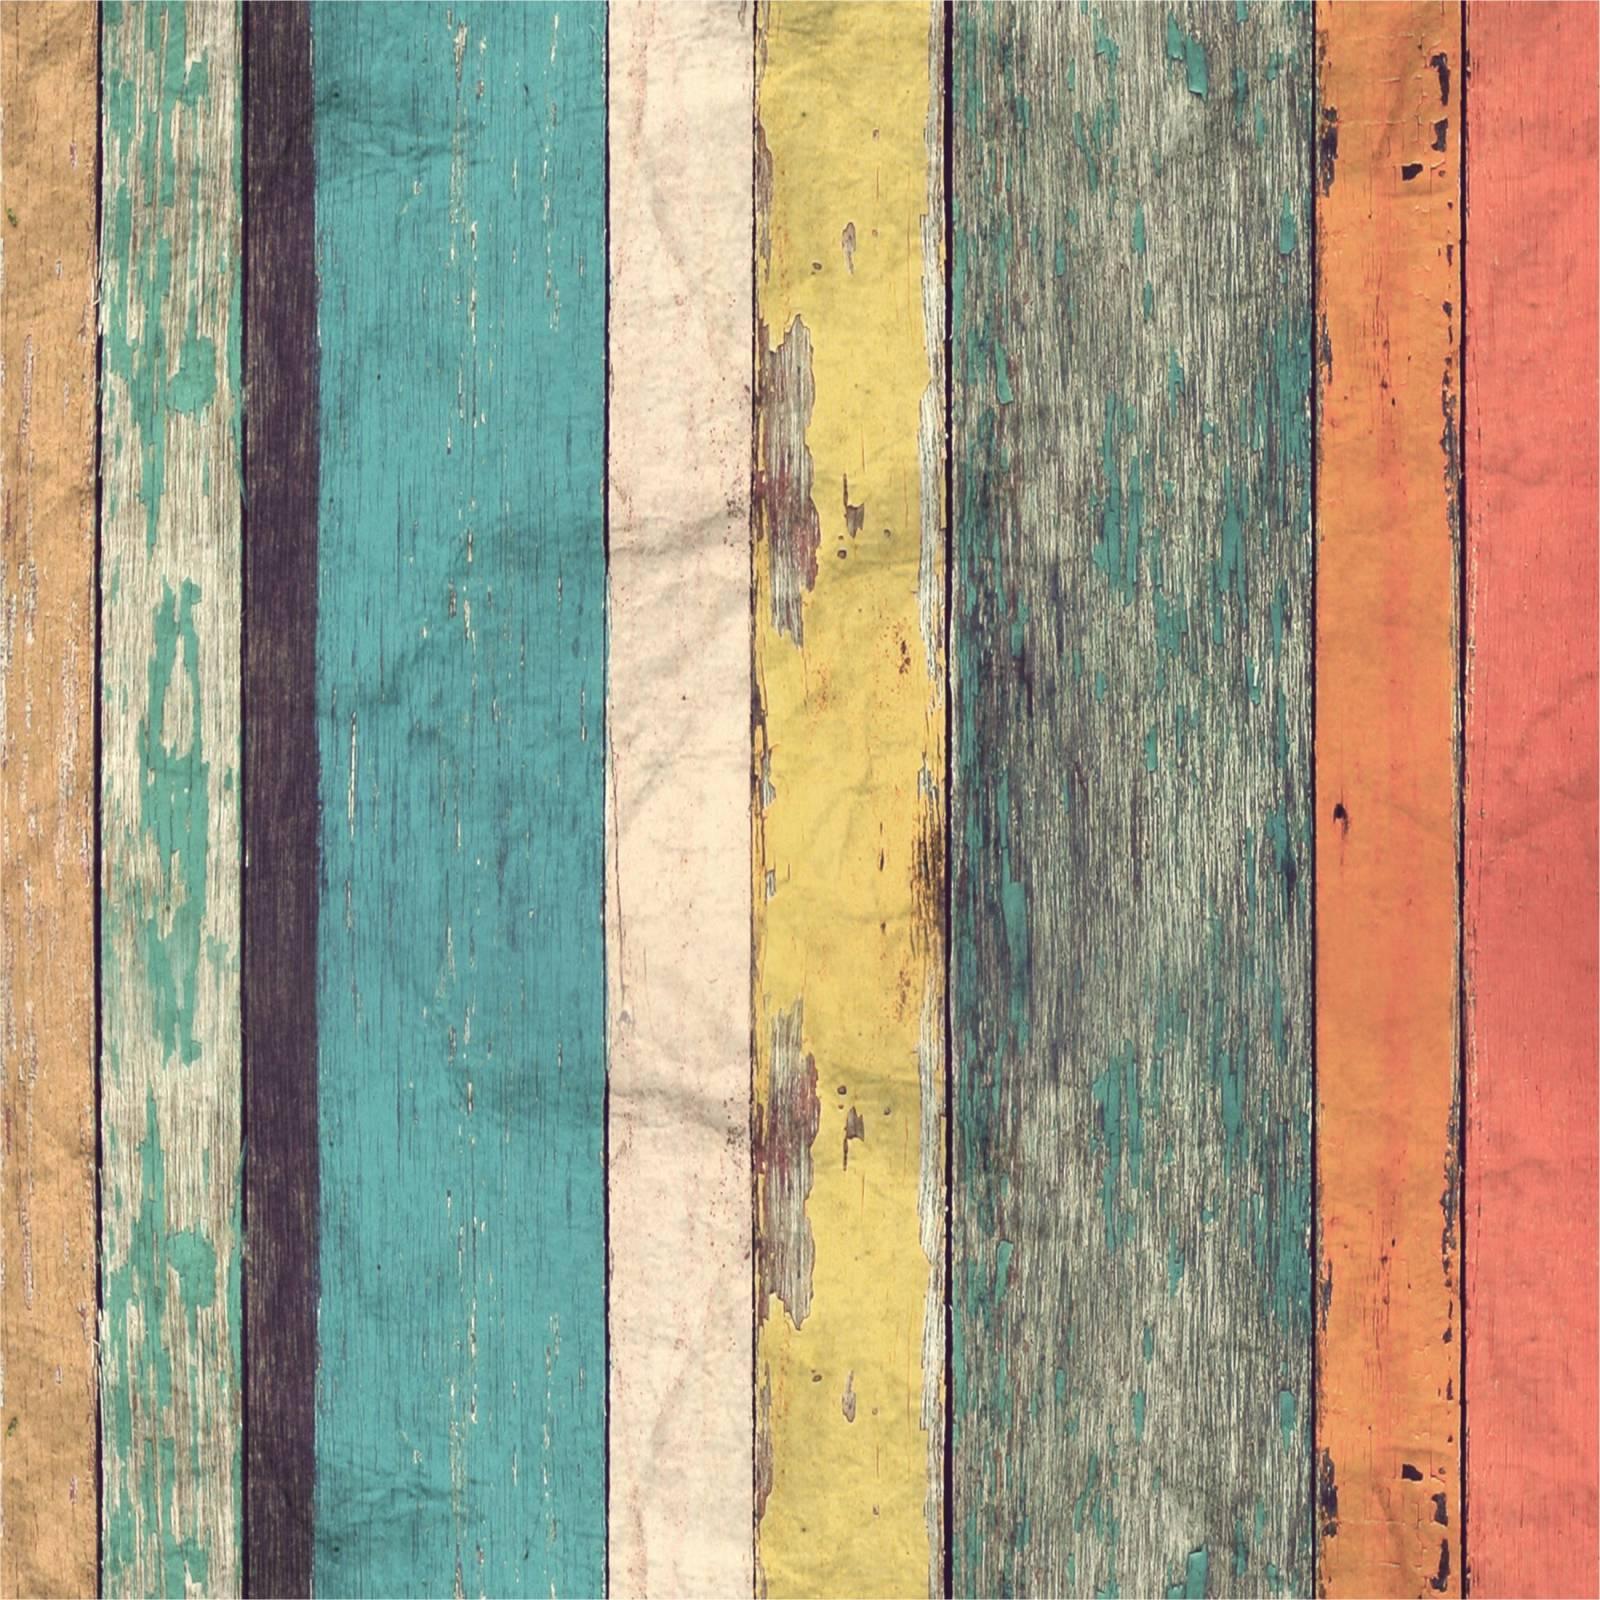 Papel De Parede Madeira De Demoli O Colorida Rolo Redecorei -> Foto De Parede De Madeira